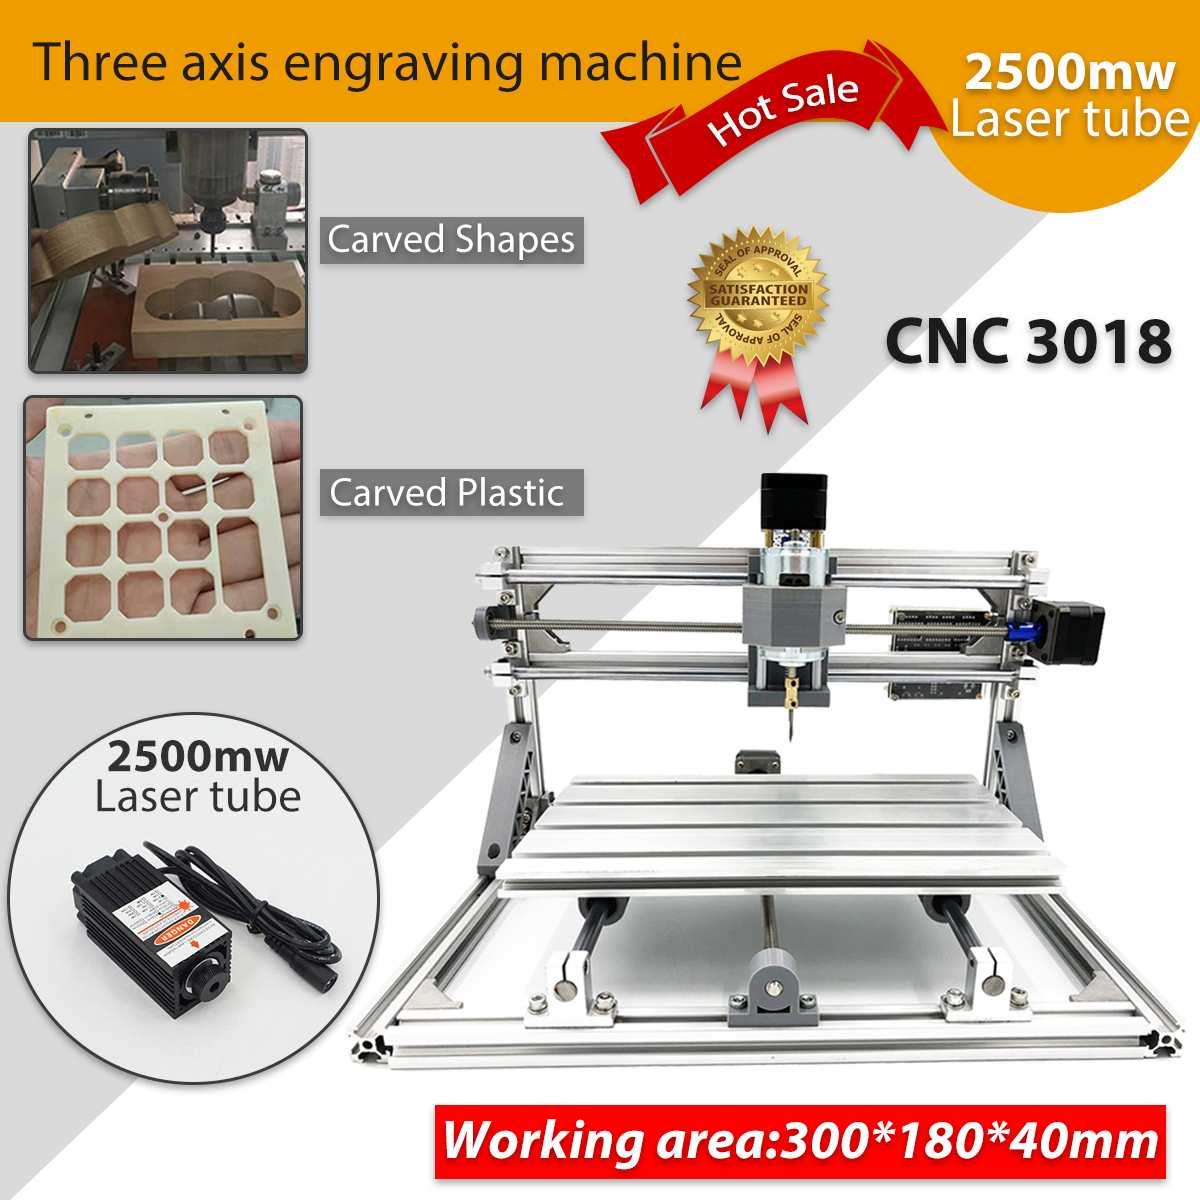 CNC bricolage 3018 bois routeur KIt 3 axes pcb fraiseuse Machine de gravure 2500 mw